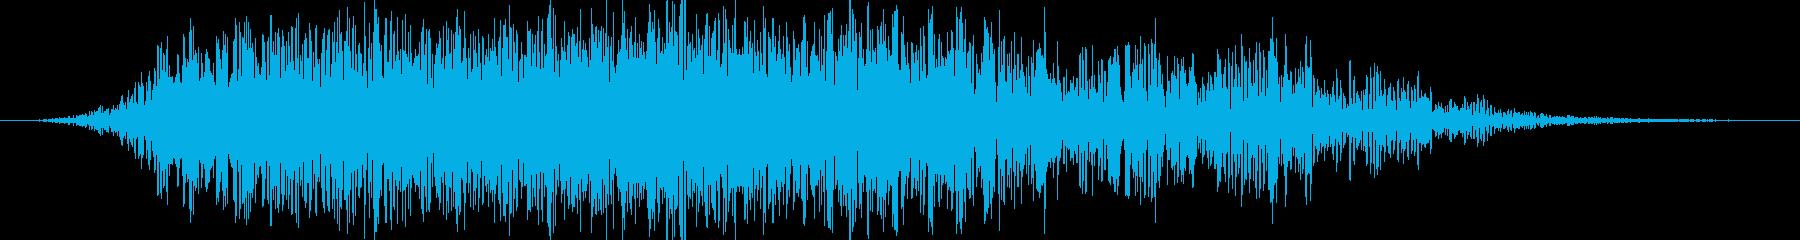 ゴゴゴゴゴ(地鳴り・地震の音)の再生済みの波形